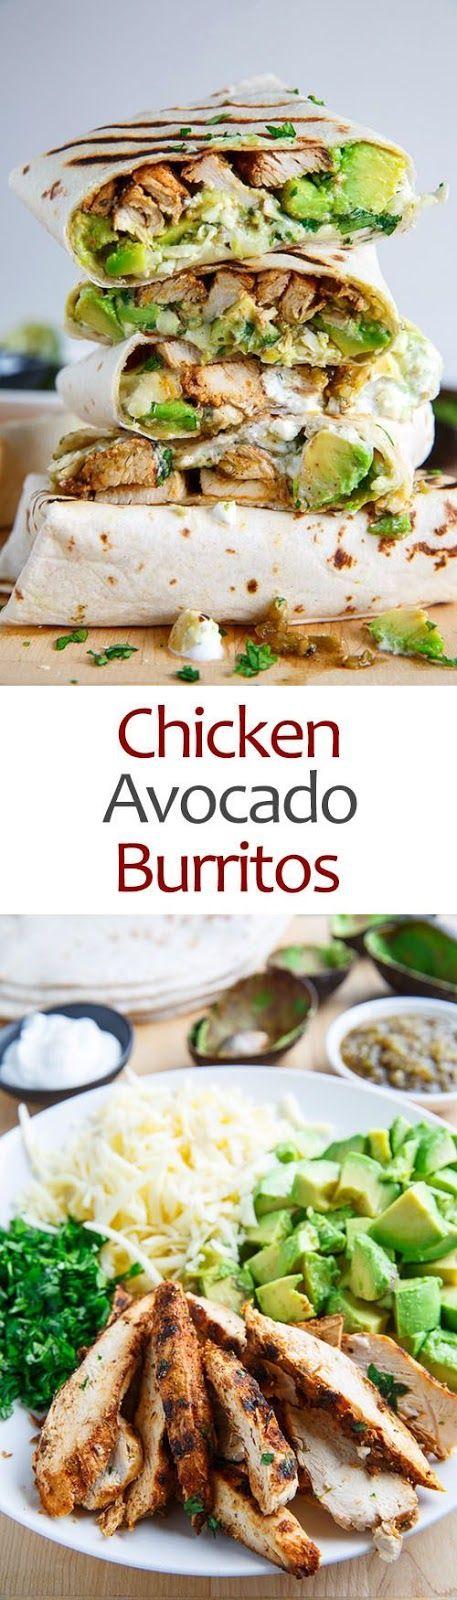 Chicken and Avocado Burritos #chicken #Chickenrecipe #Avocadorecipe #Keto #Ketorecipe #Burritos #Bestburritos